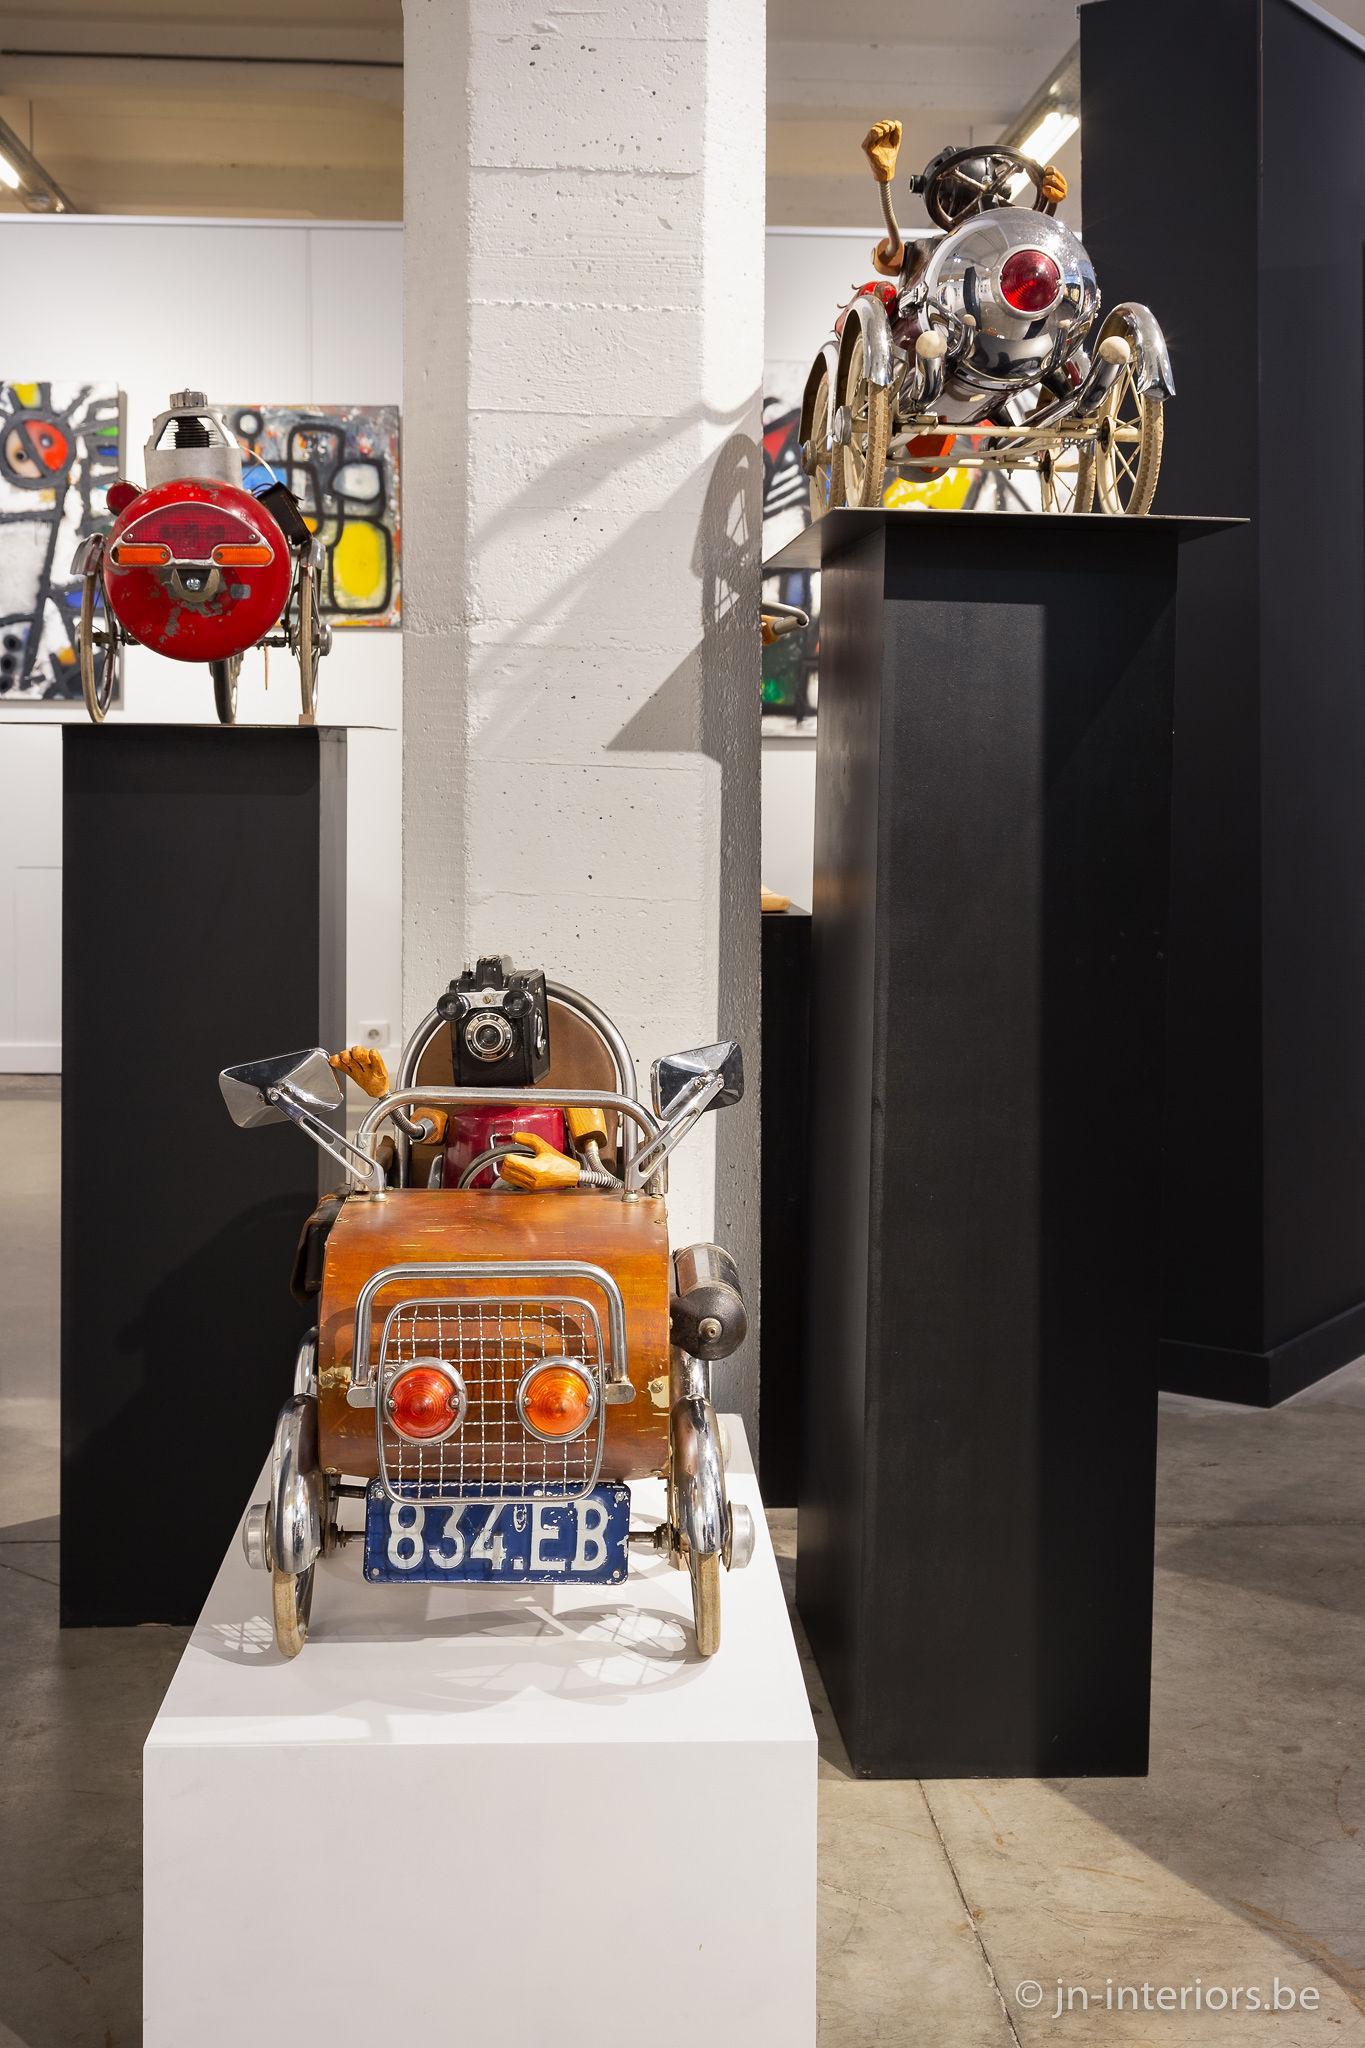 oeuvres d'art belges, exposition jn interiors, voiture décoration, magasin de décoration belgique, jour et nuit liège verviers